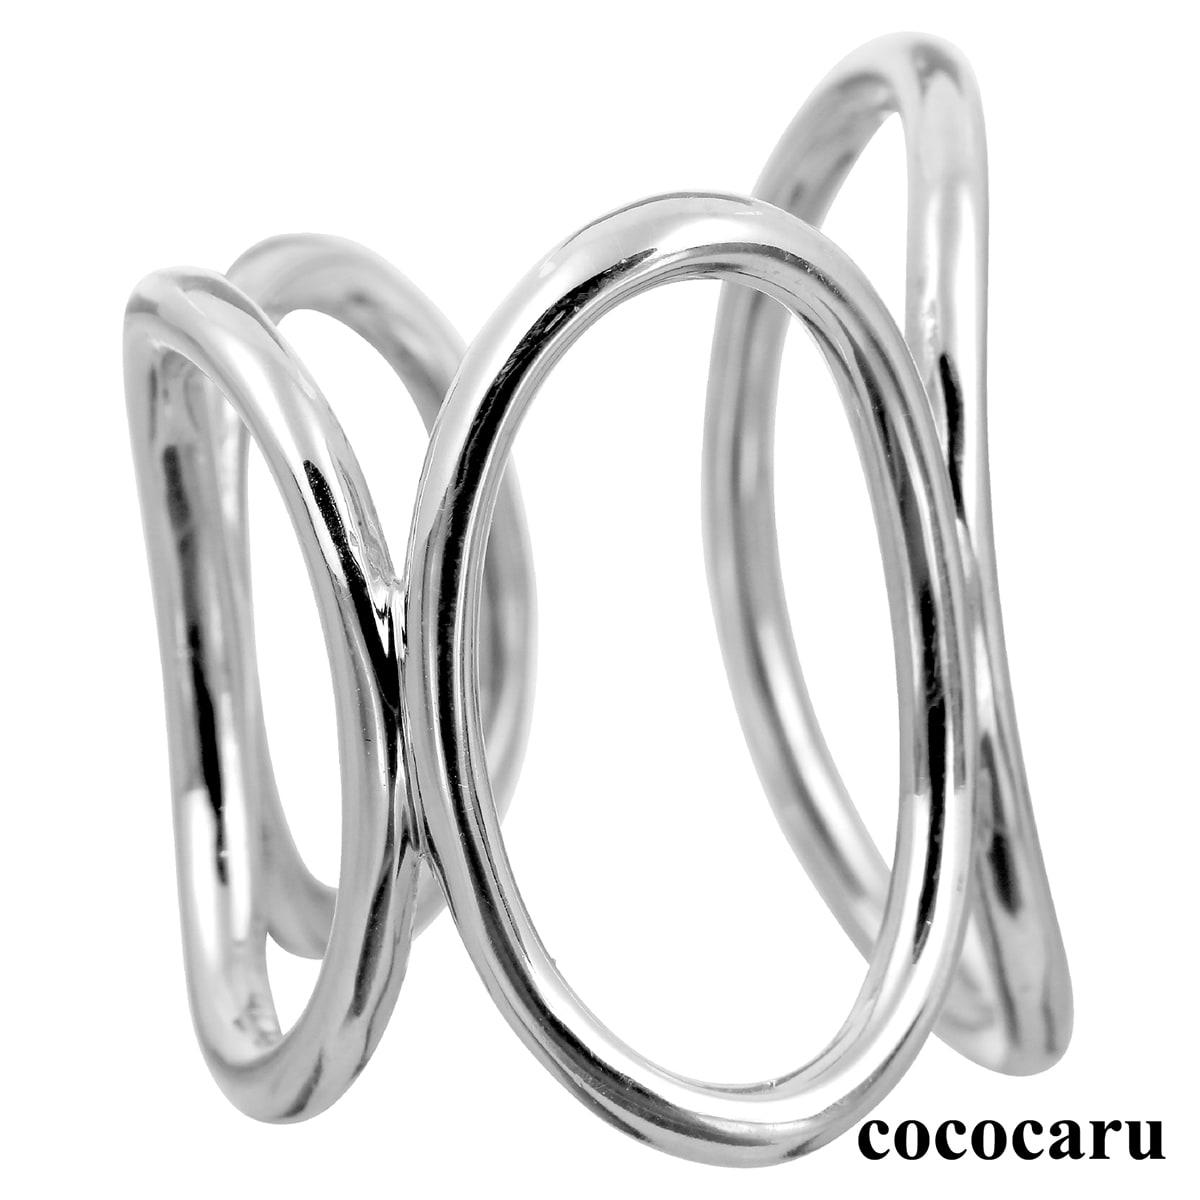 地金 リング フォークリング プラチナ900 ファッションリング 品質保証書 金属アレルギー 日本製 誕生日 ギフト